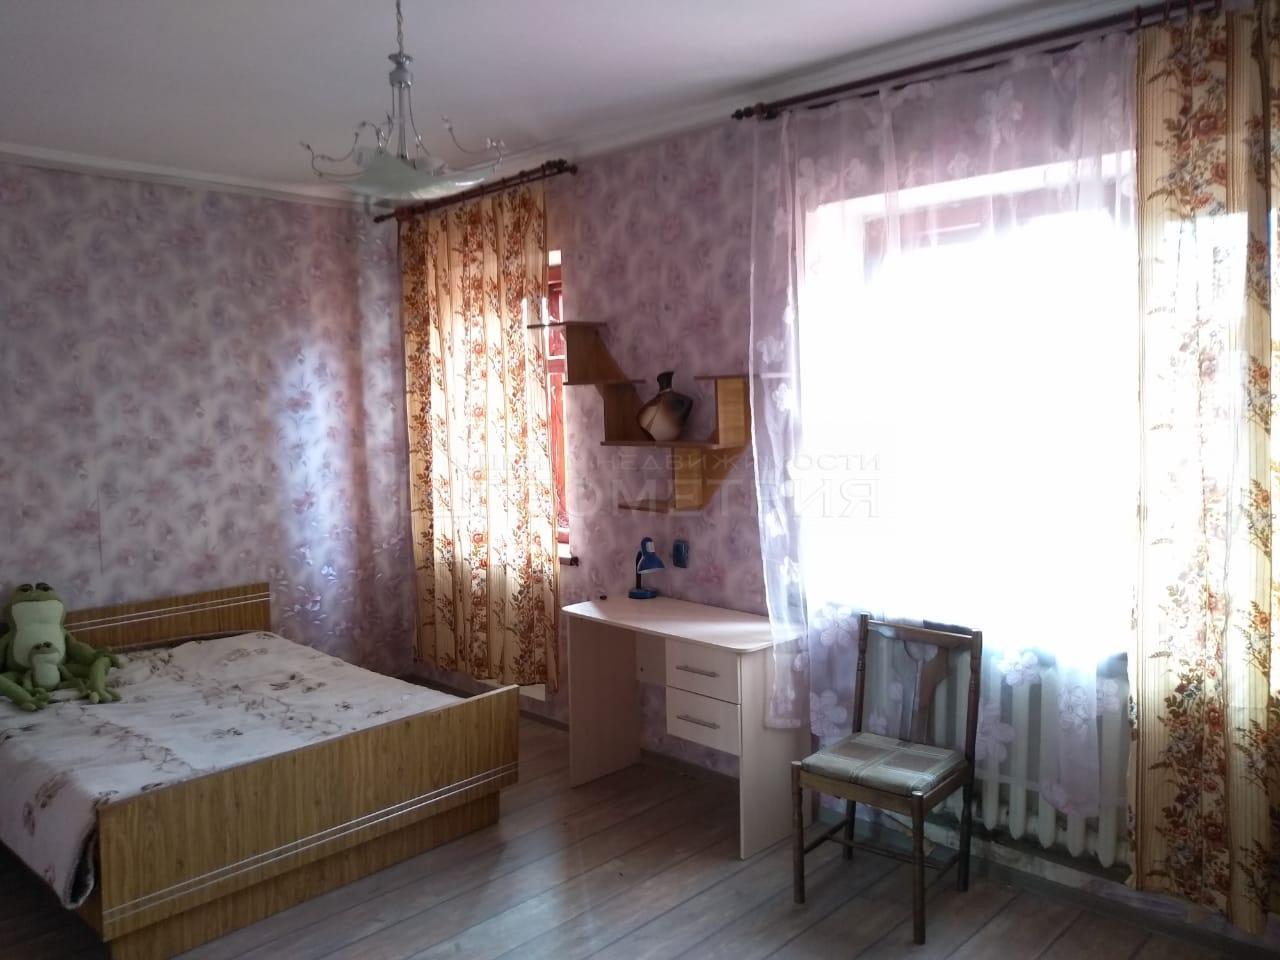 Продам дом по адресу Россия, Краснодарский край, городской округ Краснодар, Краснодар, Троицкая улица фото 14 по выгодной цене